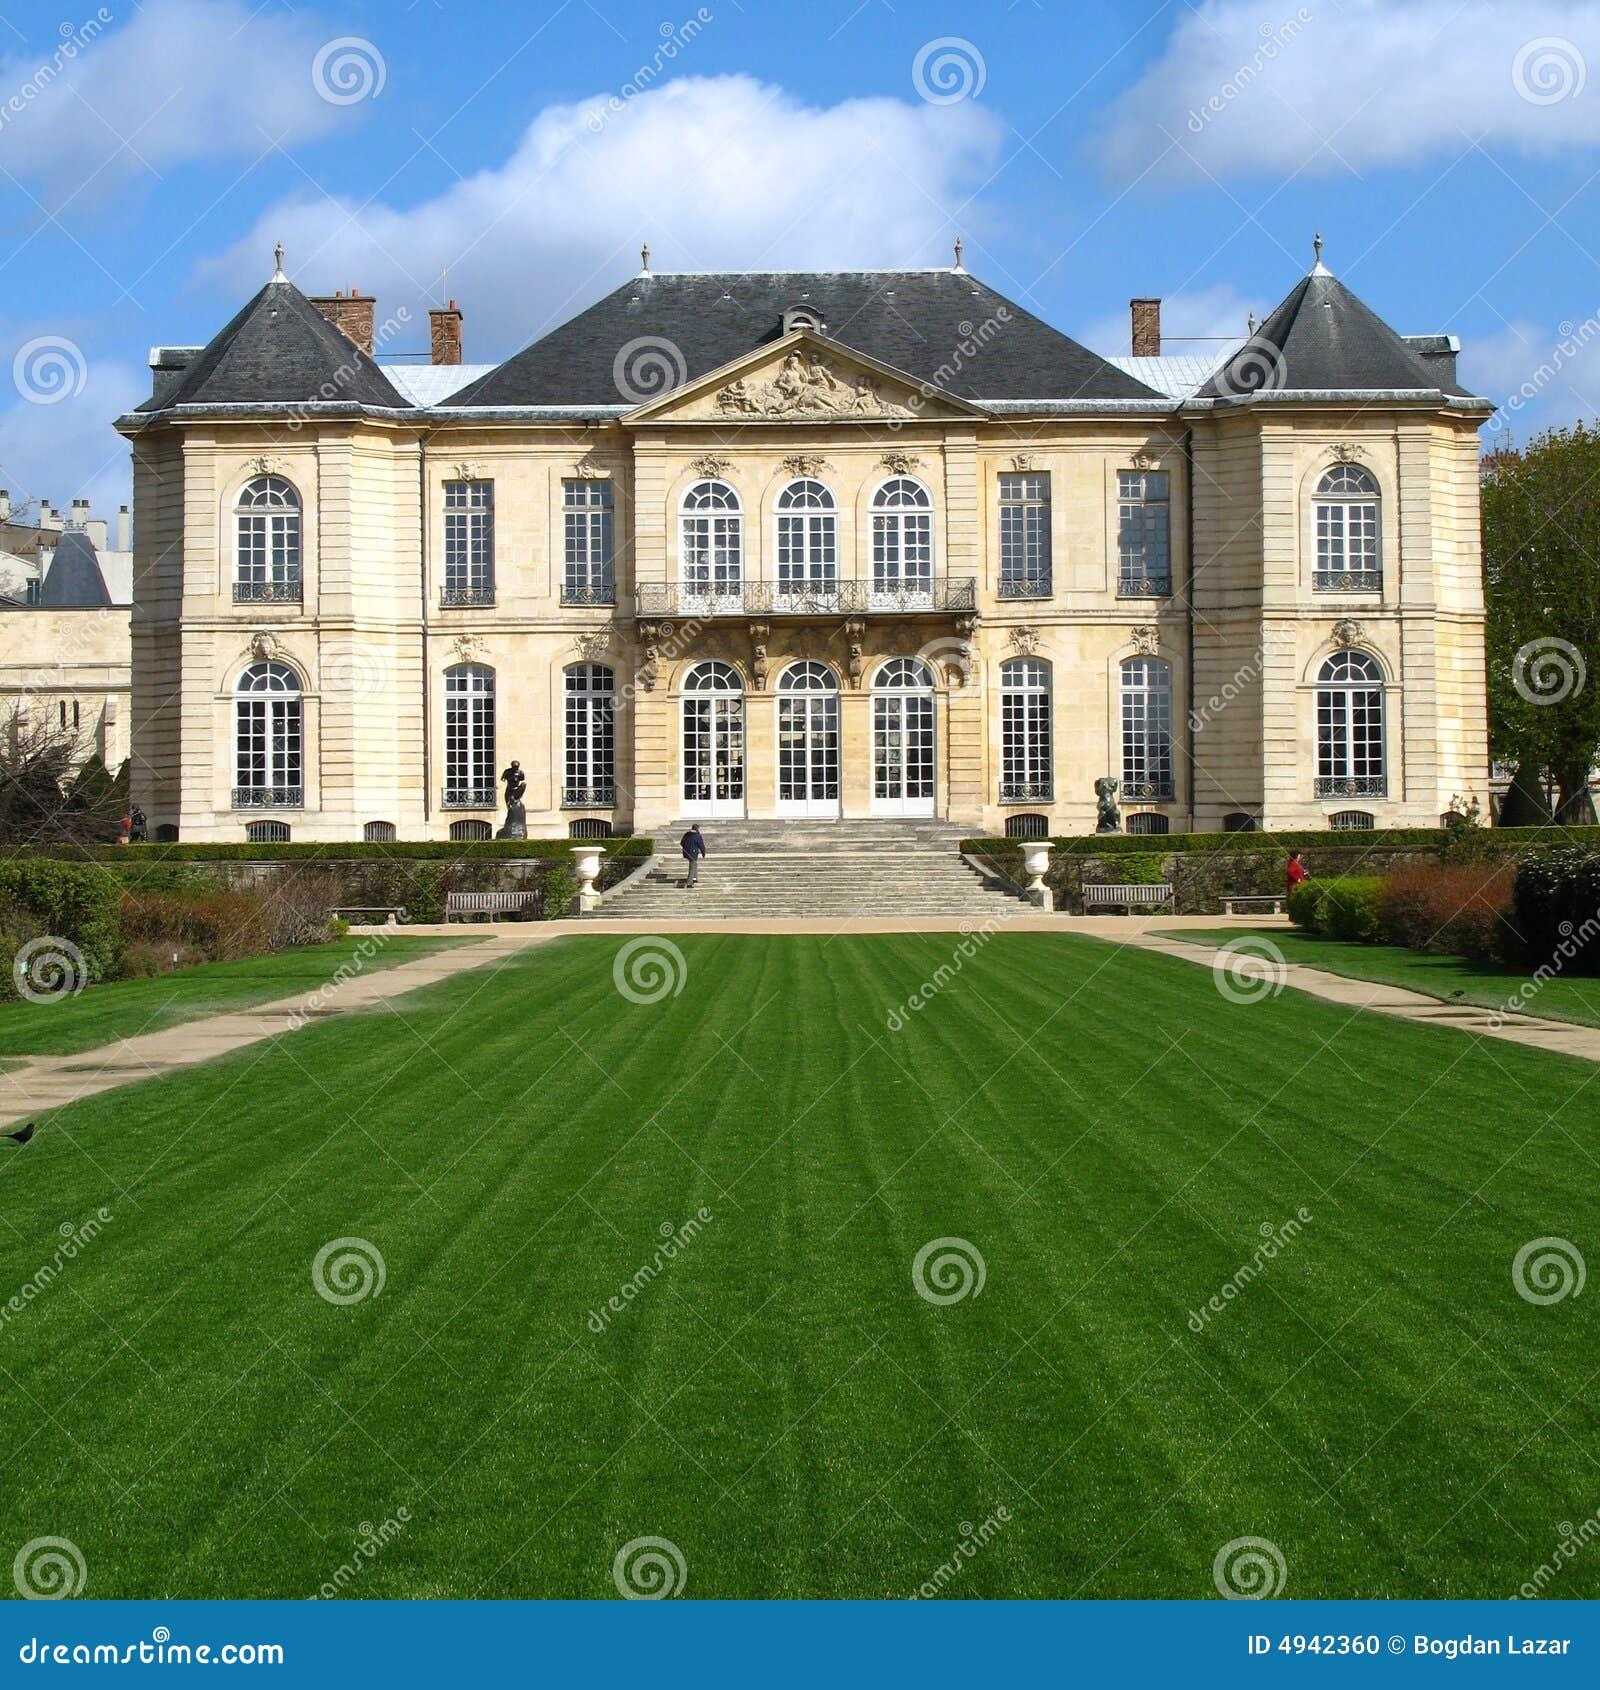 Mansion - Rodin Museum, Paris, France